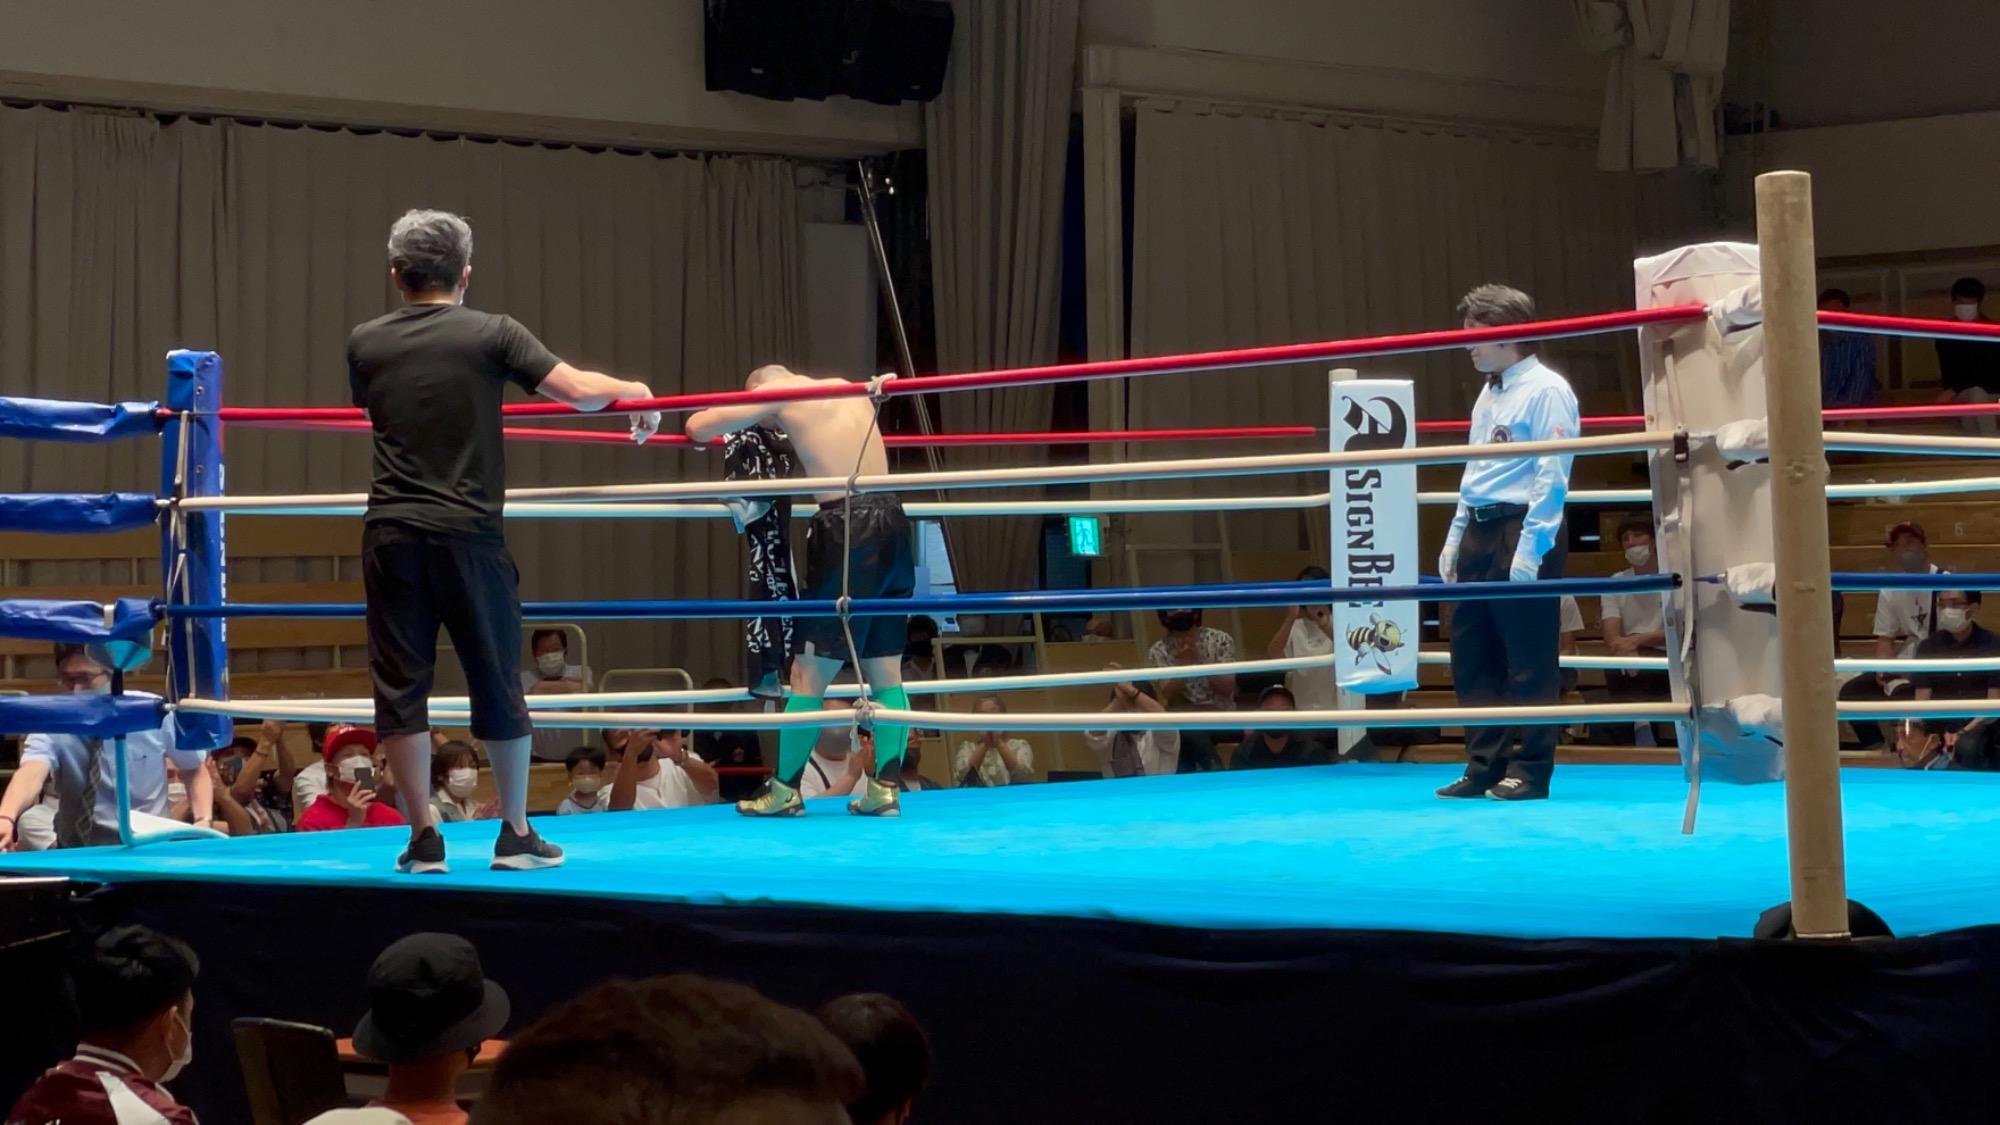 スタッフYUYAのボクシング観戦記3R rsc products公式ウェブサイト